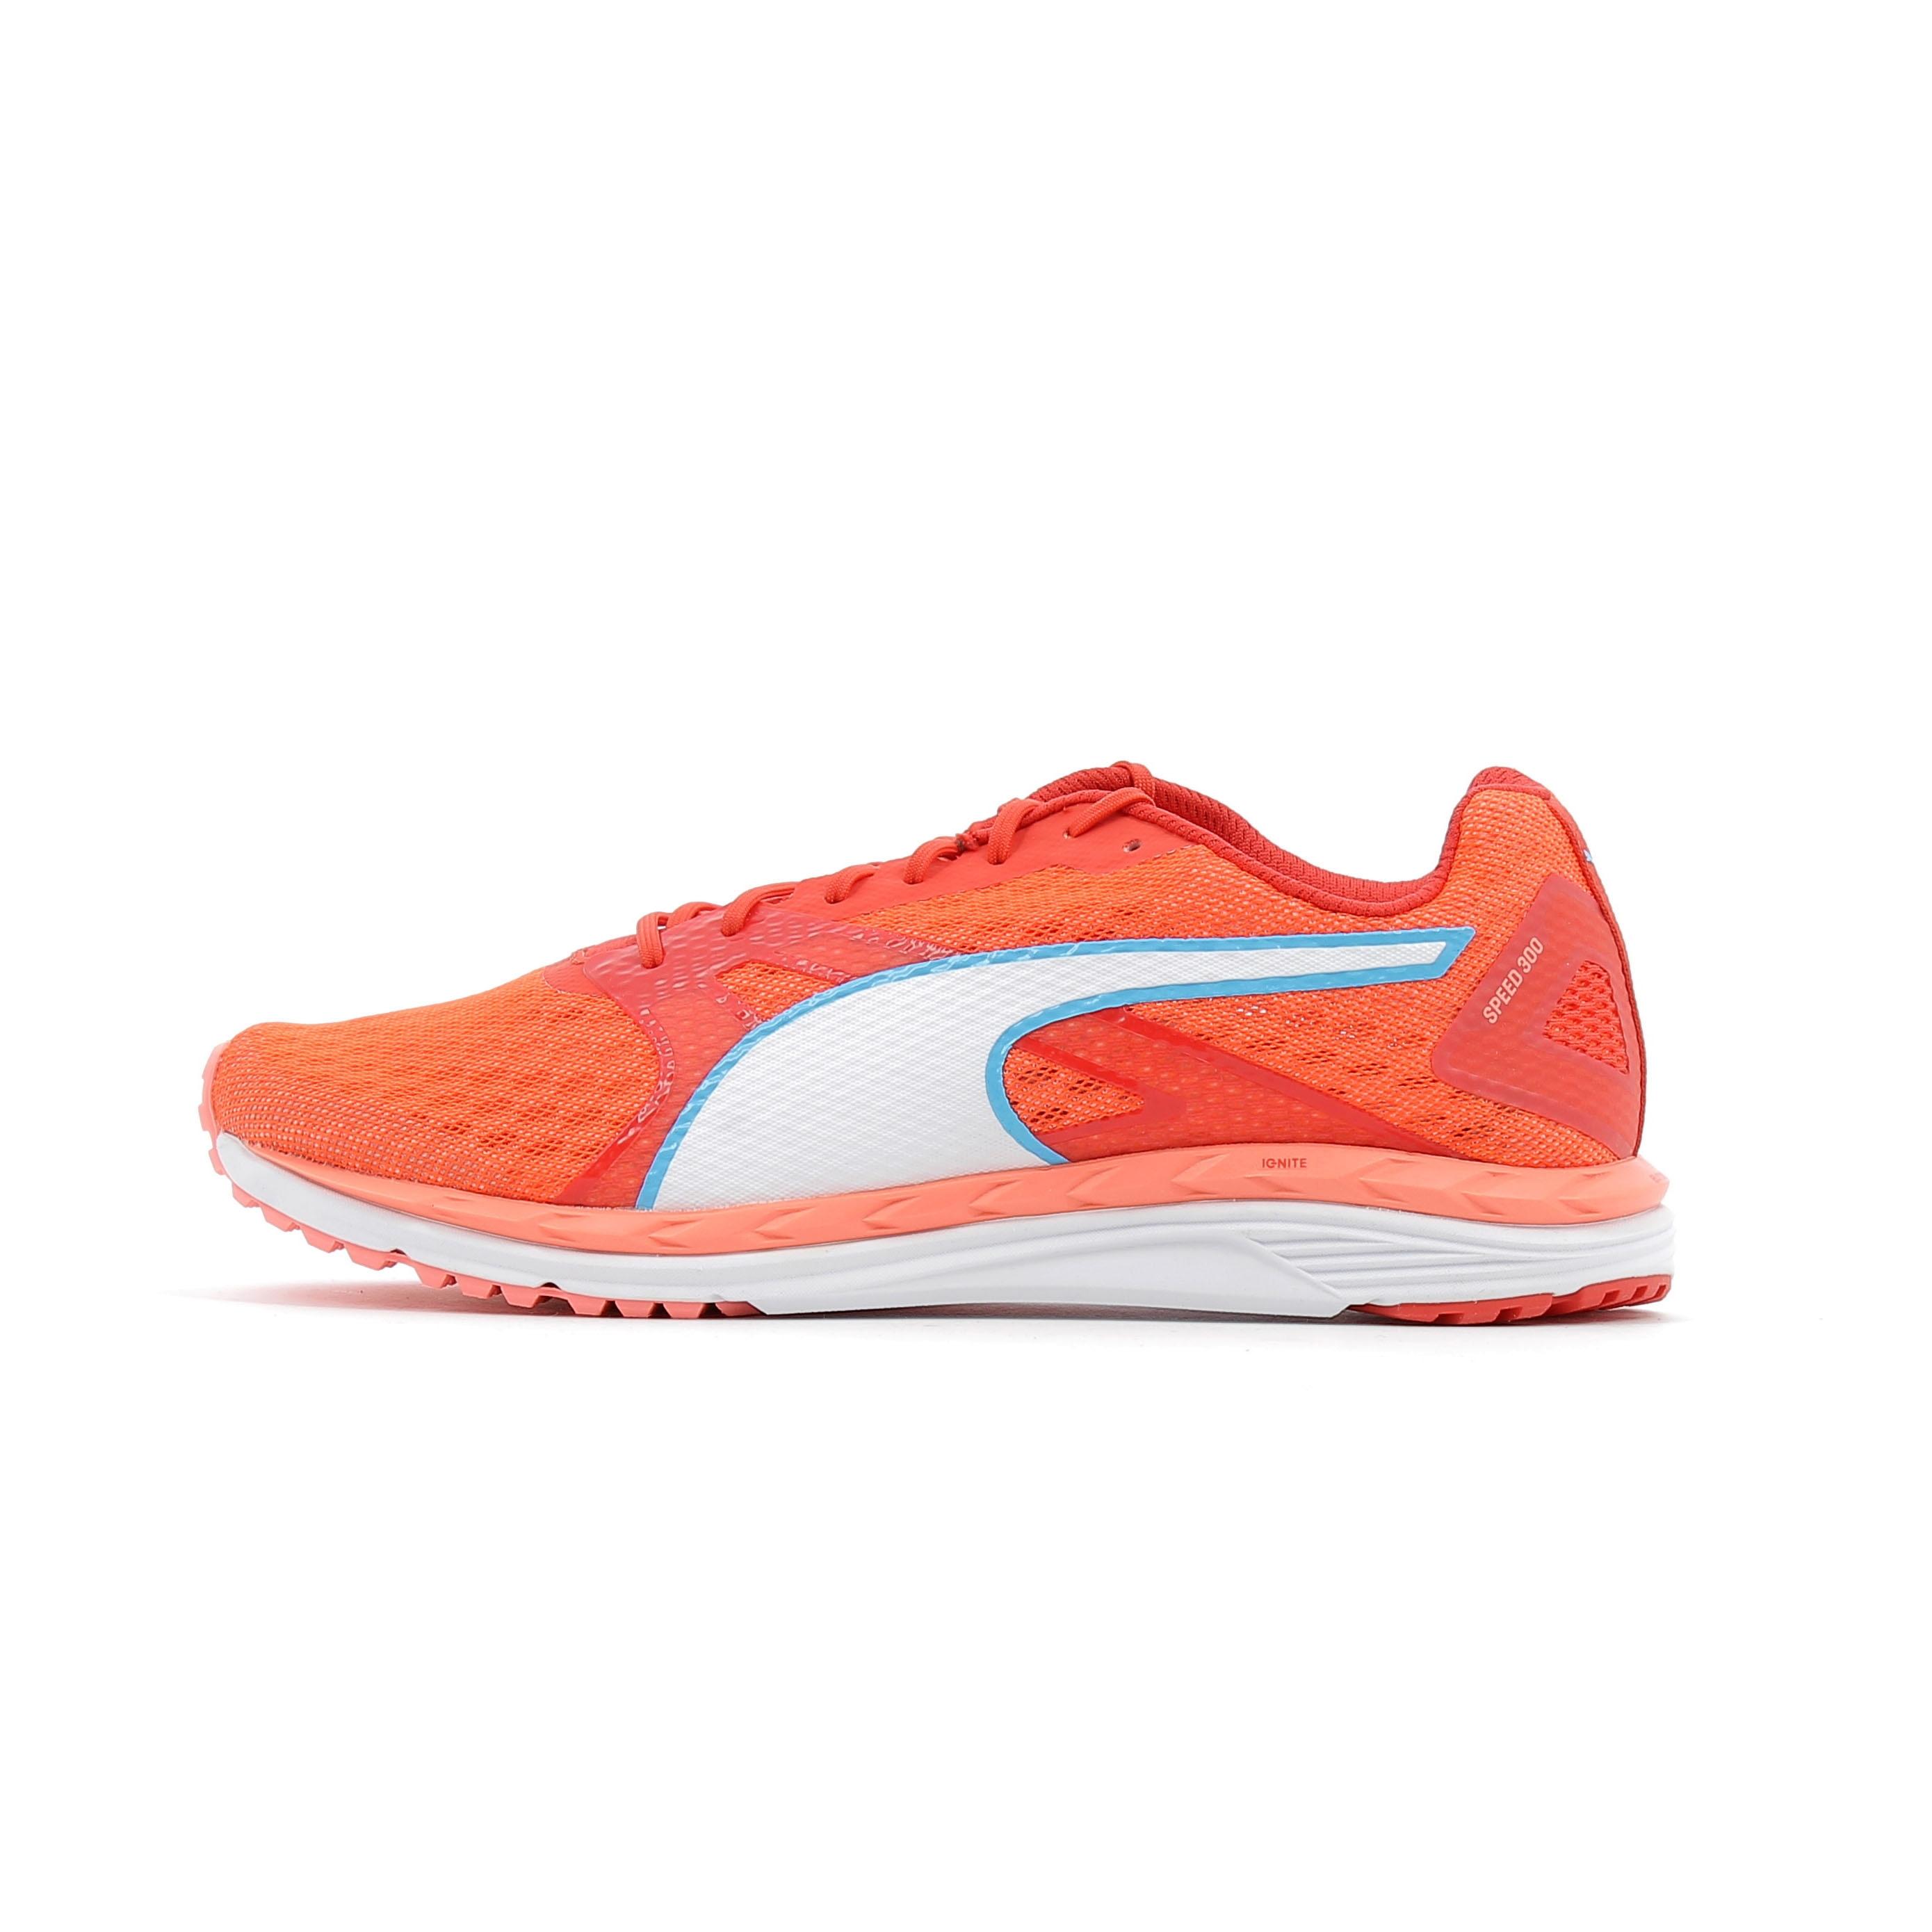 Chaussures Femme Speed 300 De Puma Running Ignite Orange 2 Ig76Ybymfv